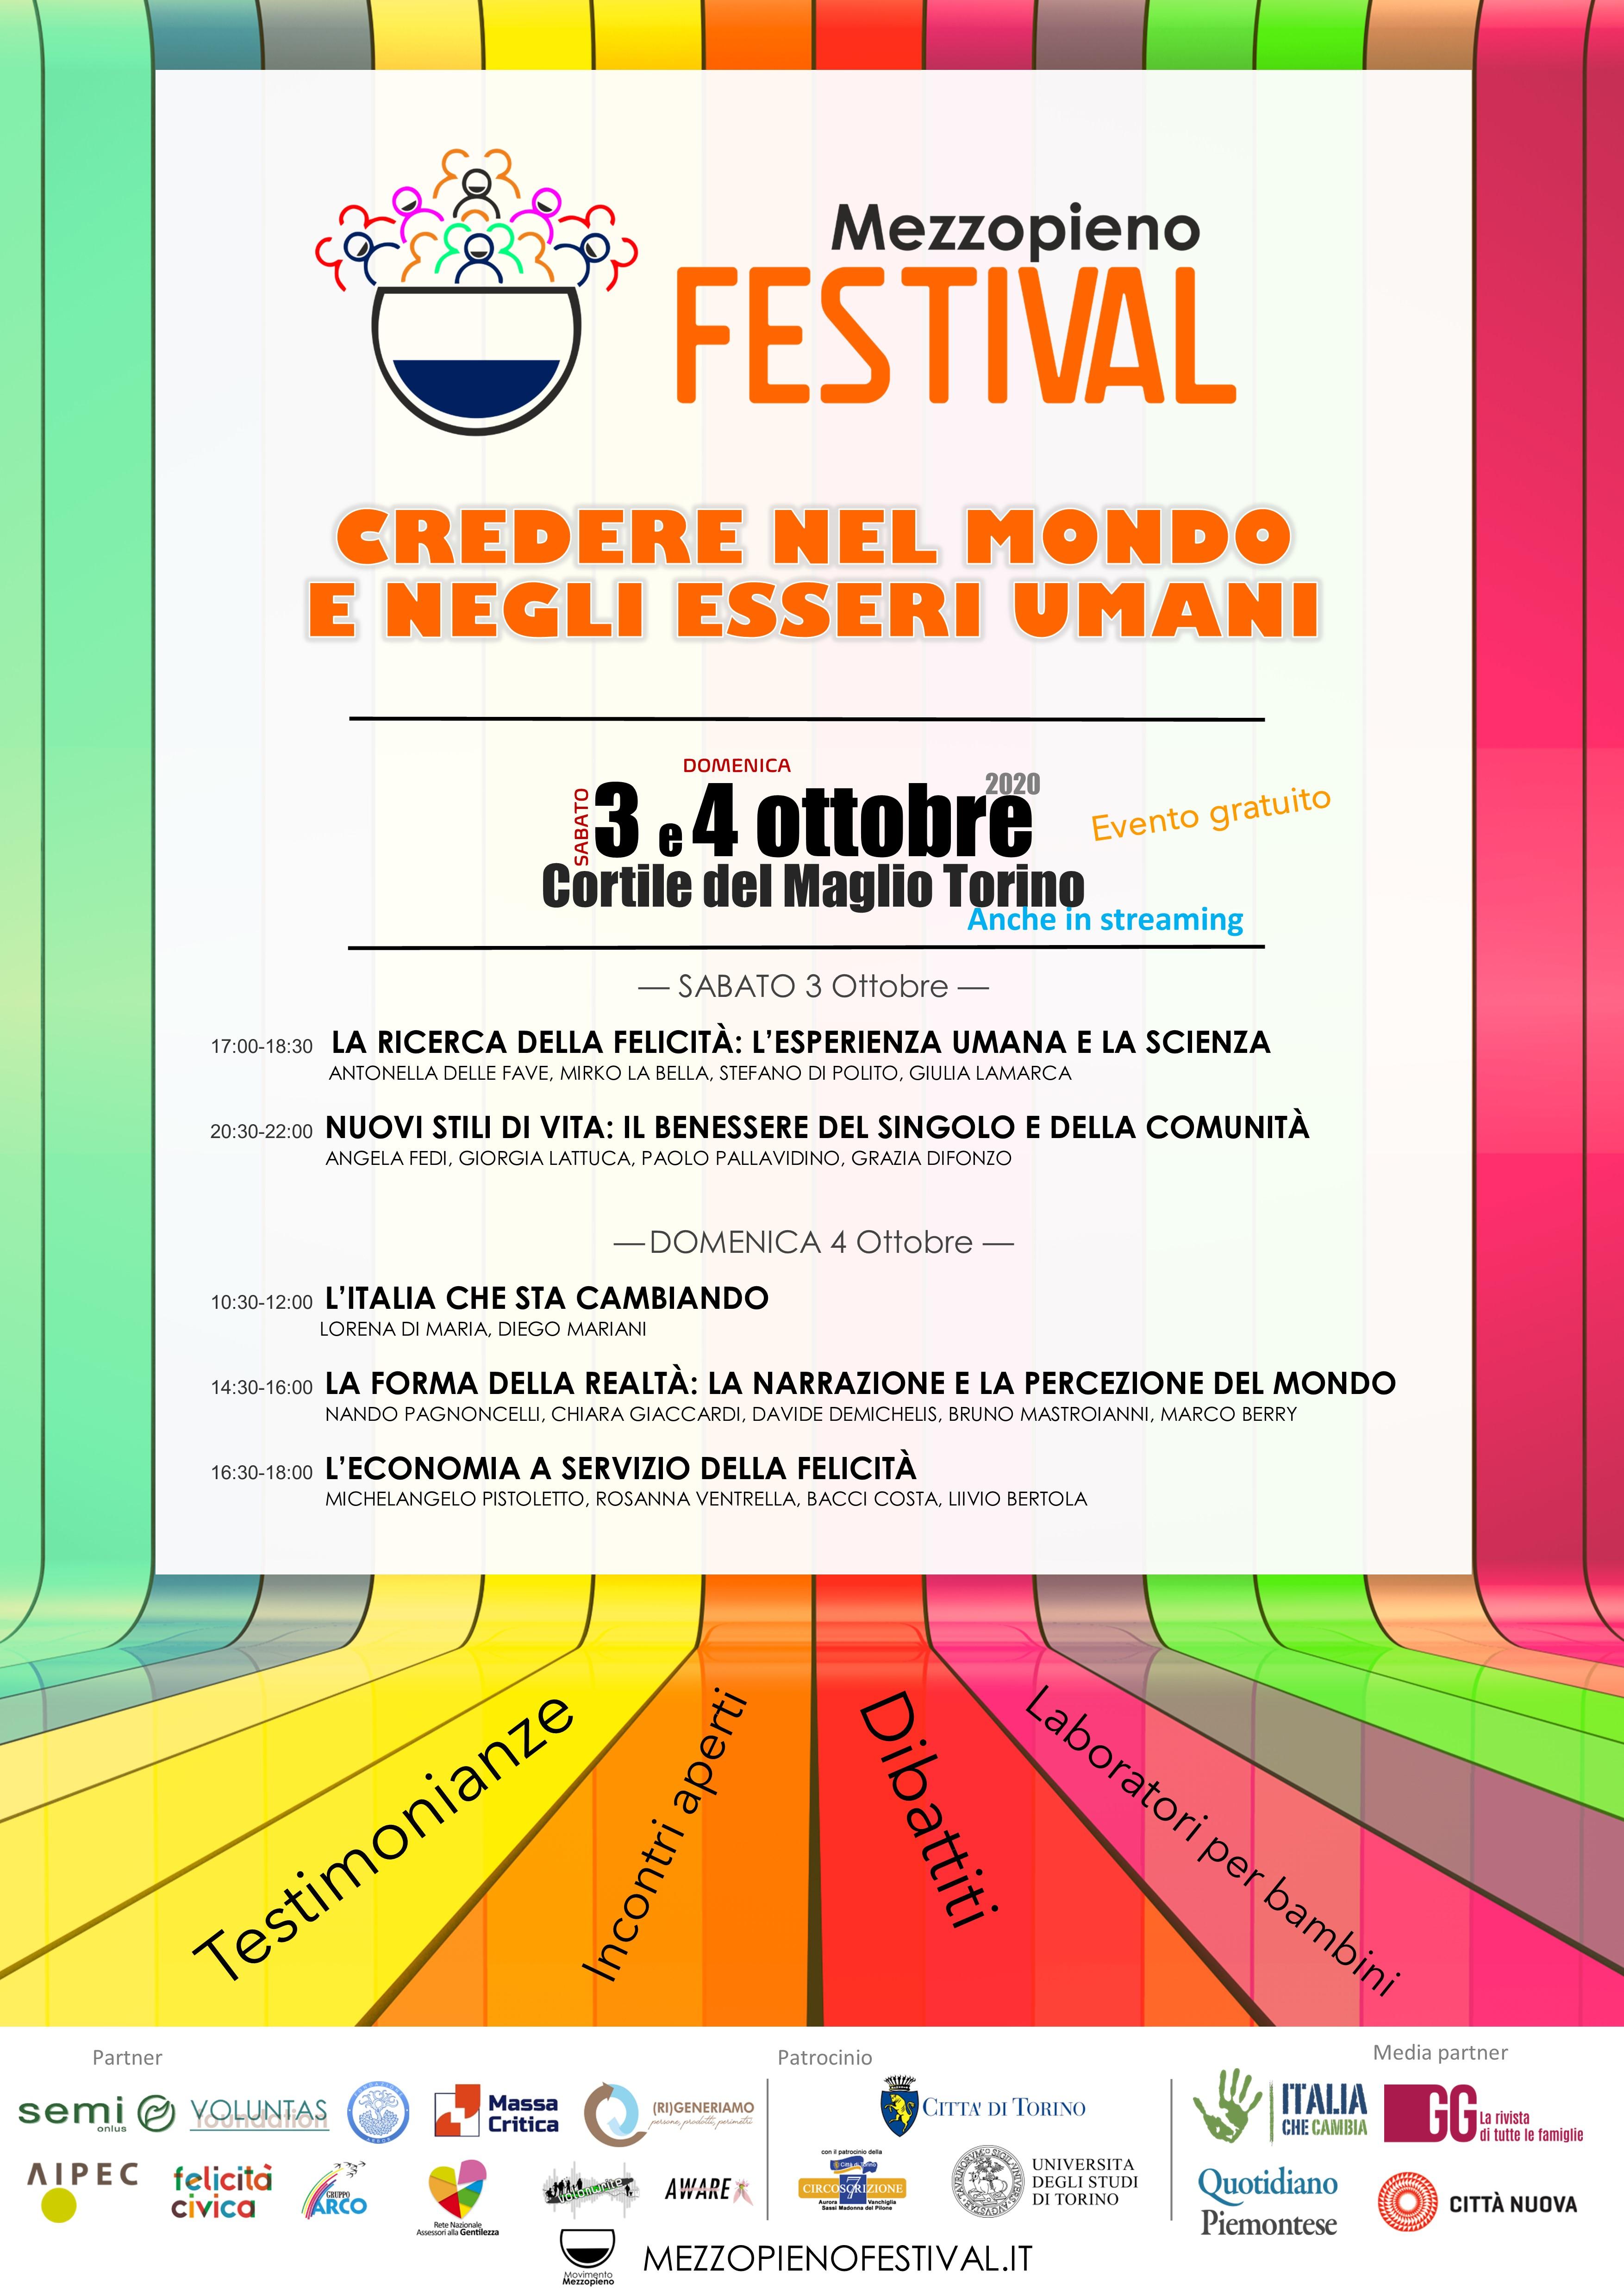 Mezzopieno Festival Credere Nel Mondo E Negli Essere Umani Citta Nuova Citta Nuova